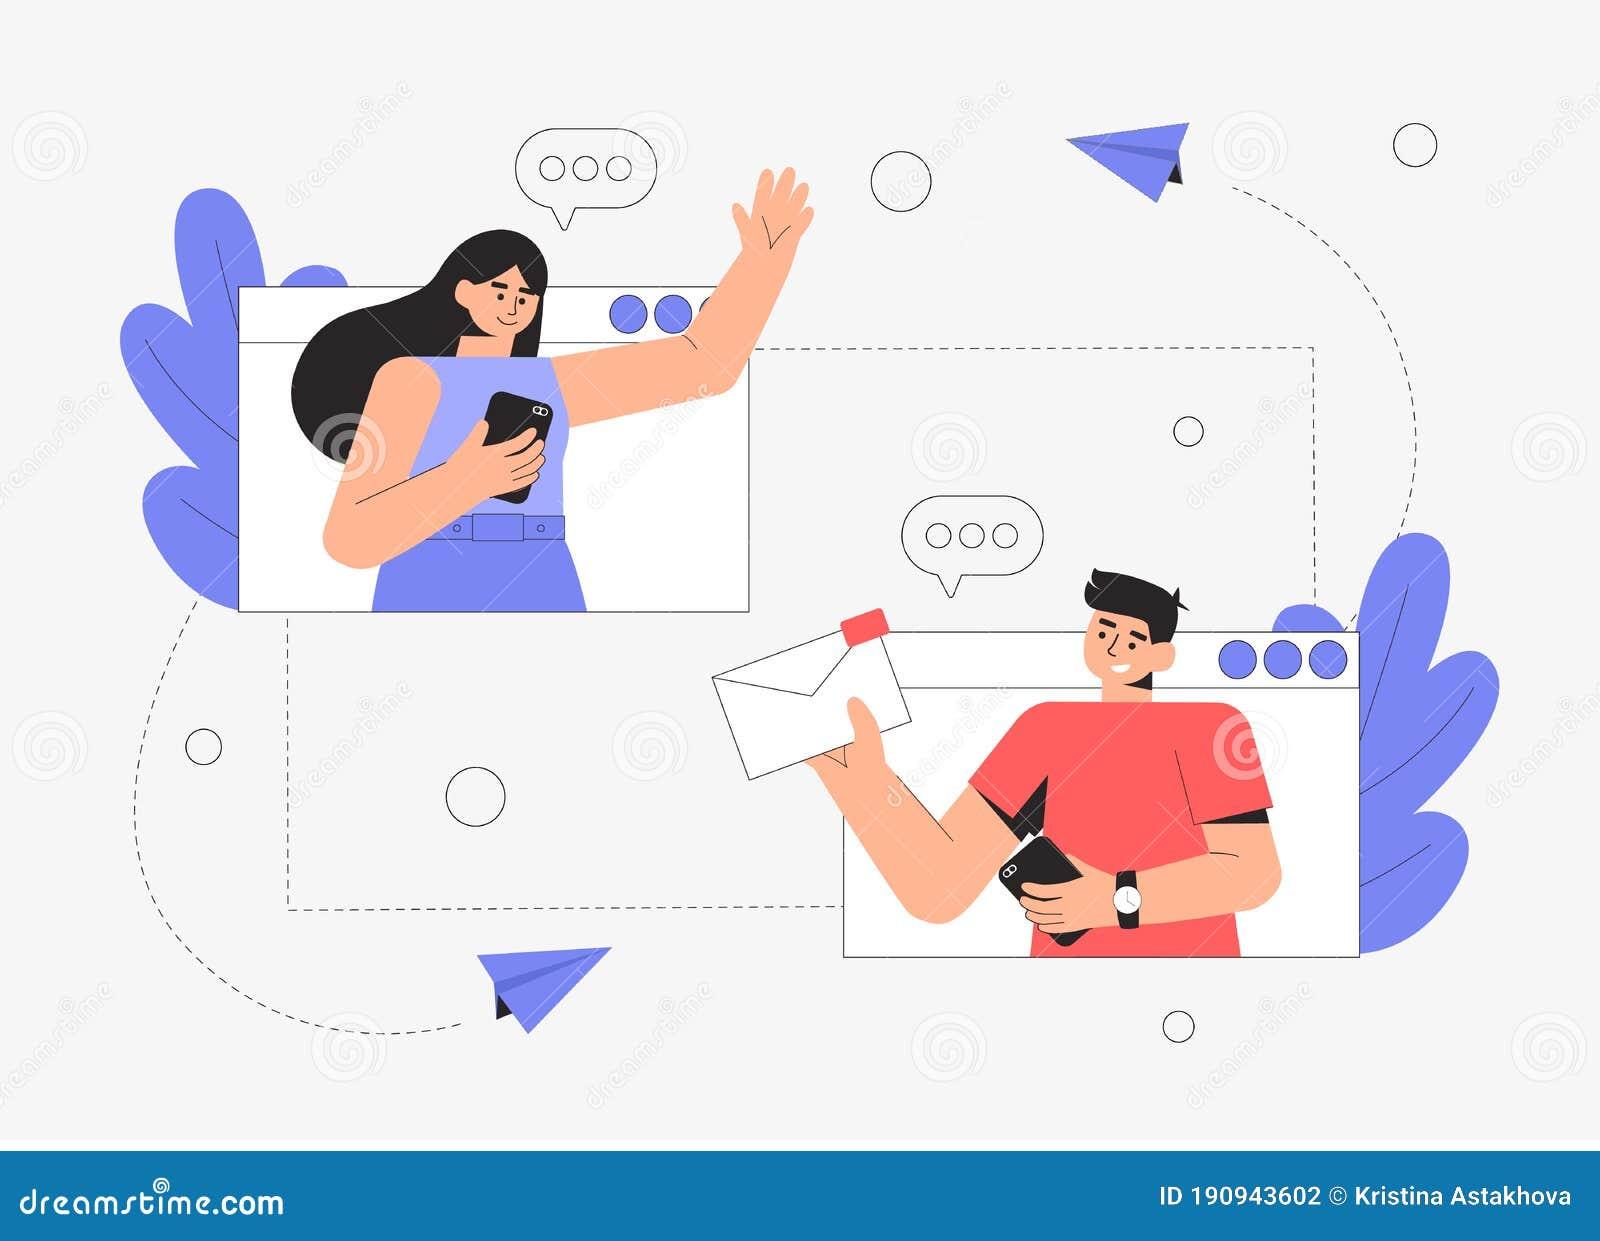 3 Gesprächsthemen für jede Situation - Flirt University